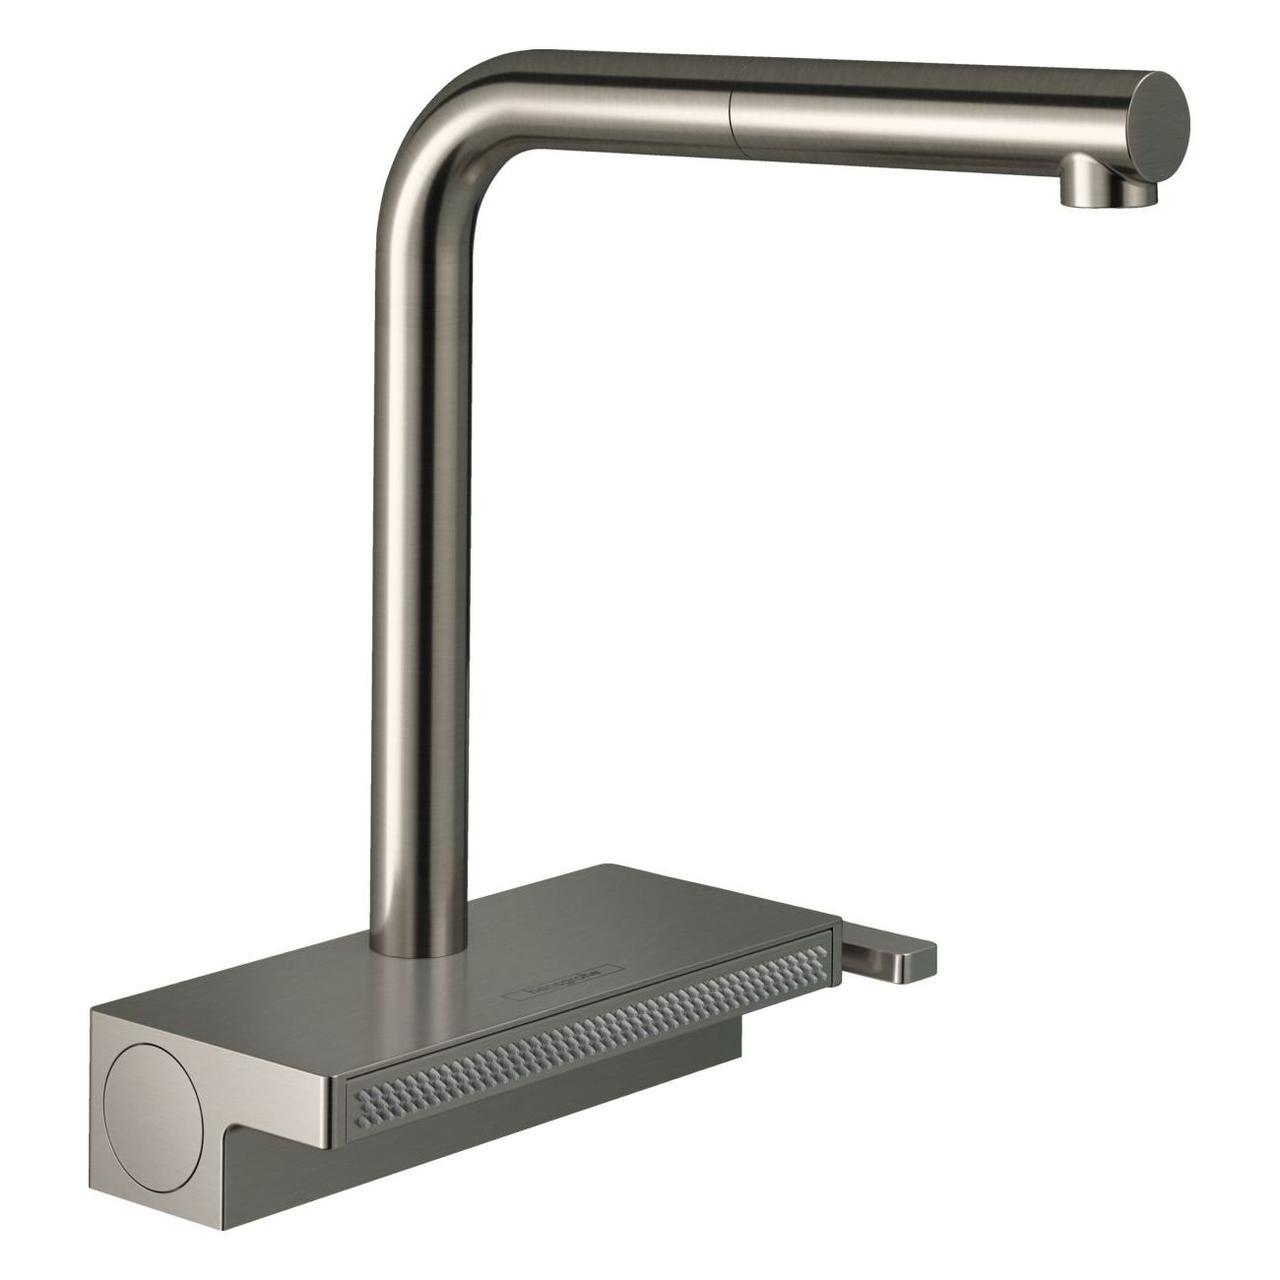 AQUNO SELECT M81 смеситель для кухни, однорычажный 250, с выдвижным душем, 2jet, sBox, цвет покрытия сталь